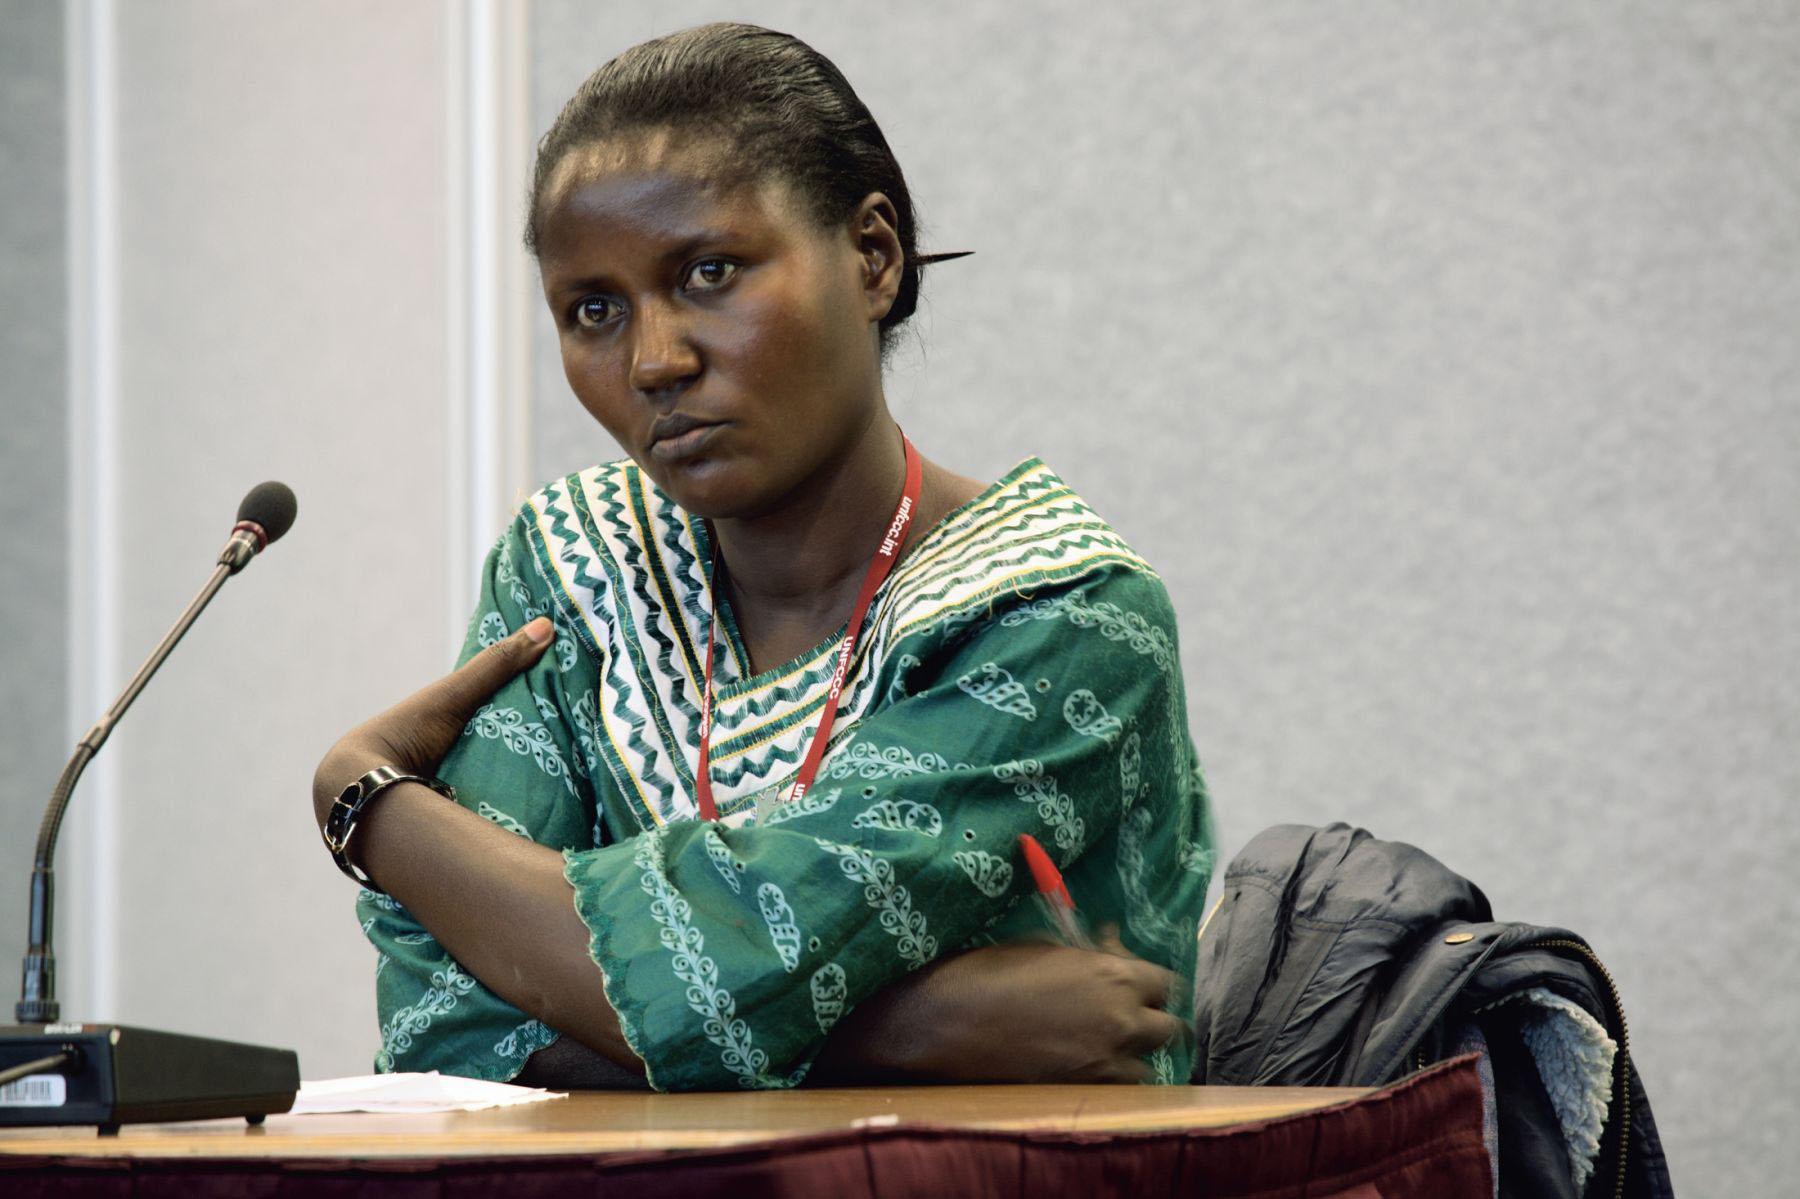 Beatrice Ahimbisibwe, educator and international carbon consultant, Bushenye, Uganda, 2005